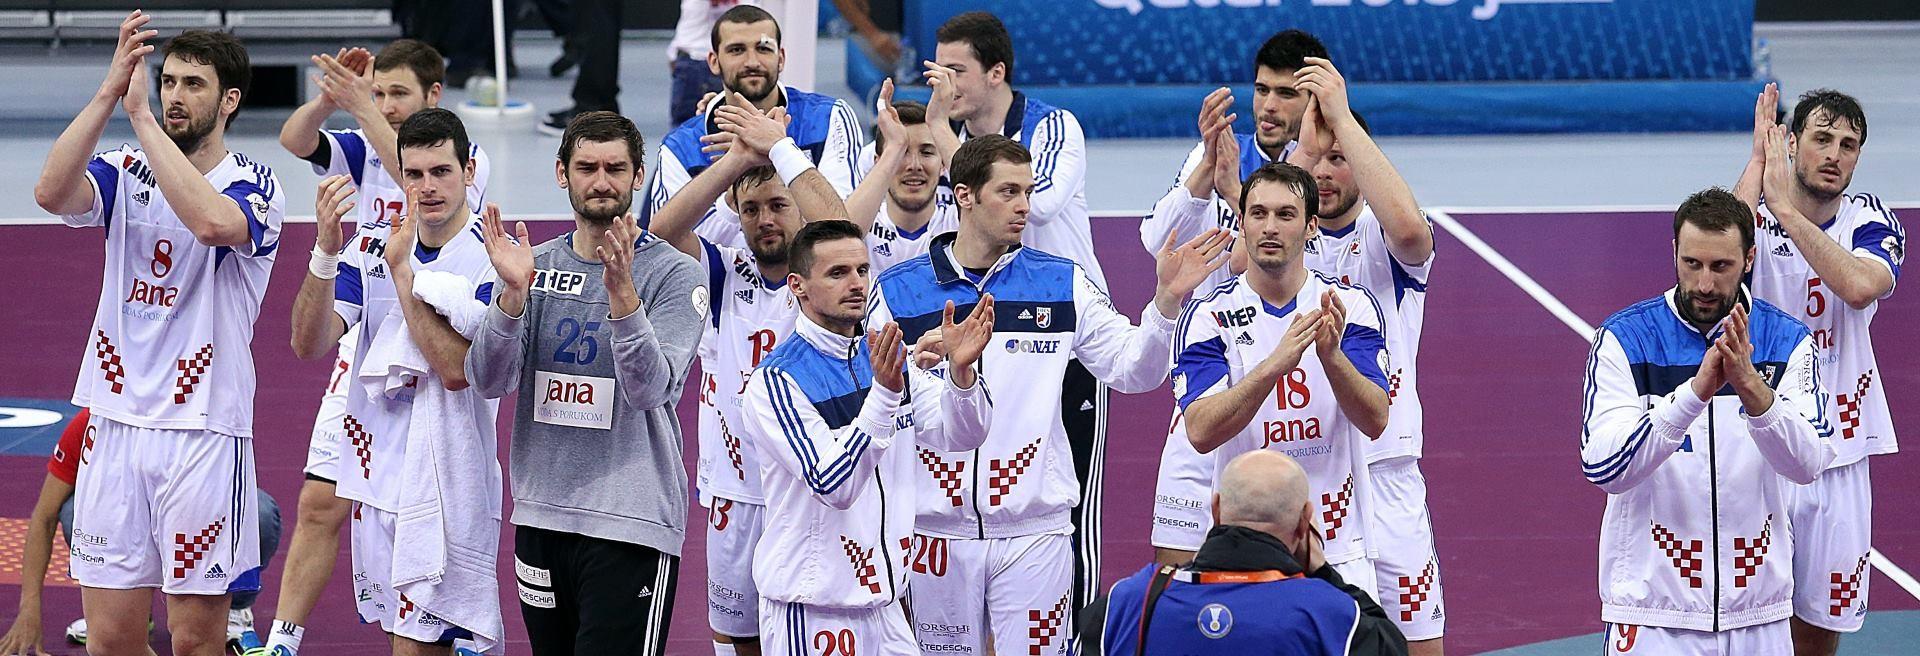 PRVI PORAZ HRVATSKIH RUKOMETAŠA u kvalifikacijama za Europsko prvenstvo 2016. godine